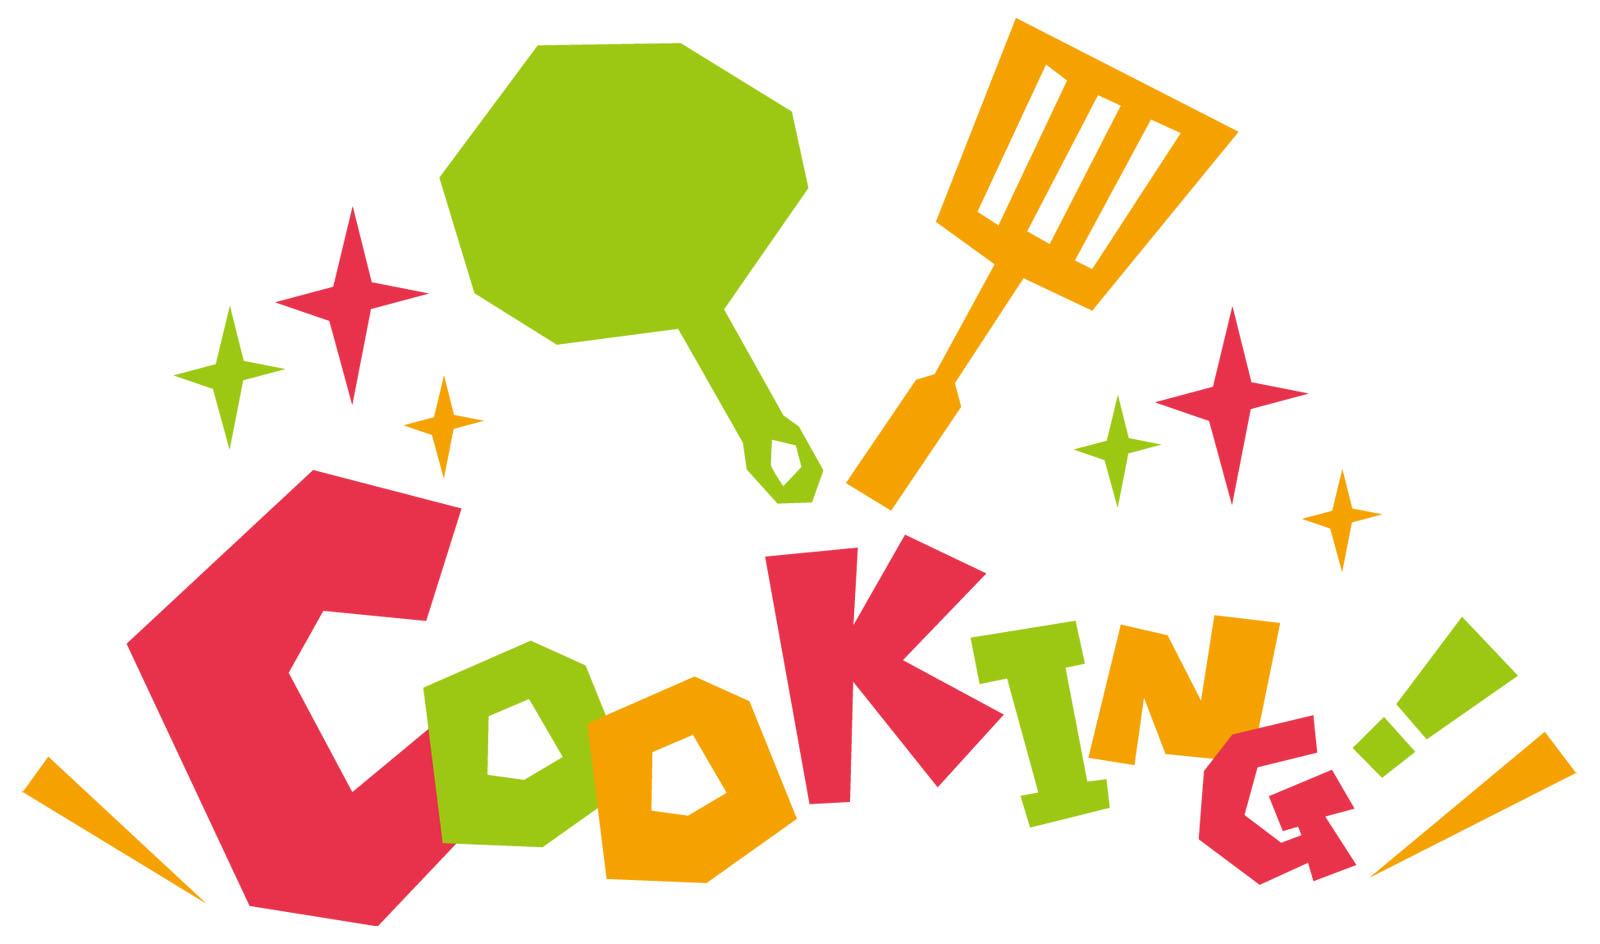 犬の手作りご飯はメリットがいっぱい!手作りご飯の基本や初心者におすすめの食材、レシピも紹介